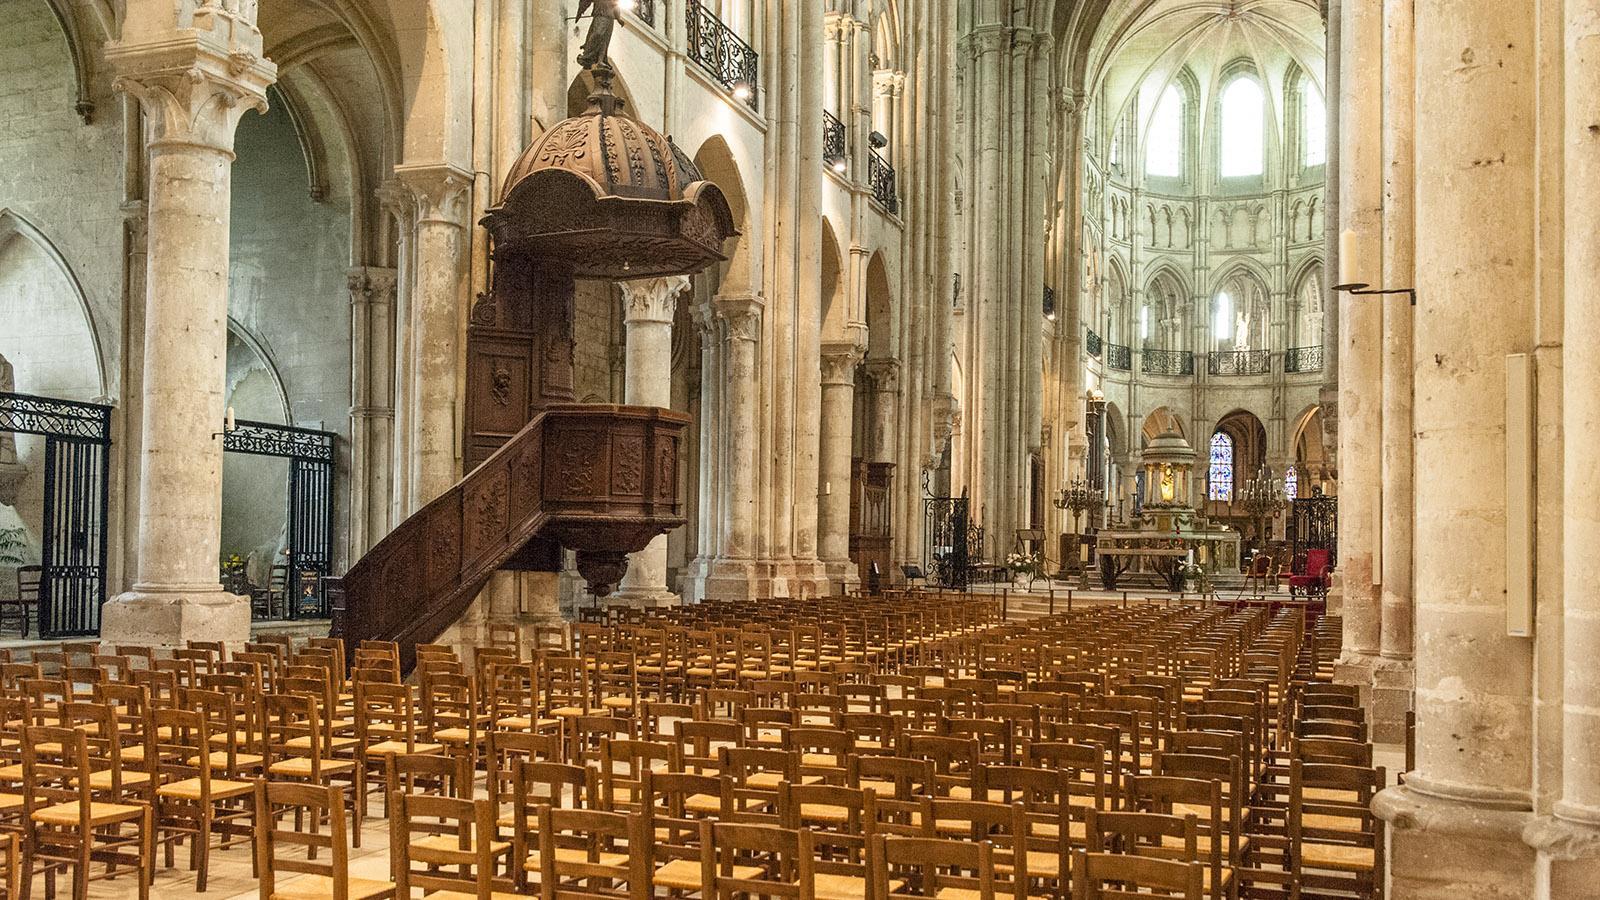 Das Kirchenschiff der Kathedrale von Noyon mit der holzgeschnitzten Kanzel. Foto: Hilke Maunder